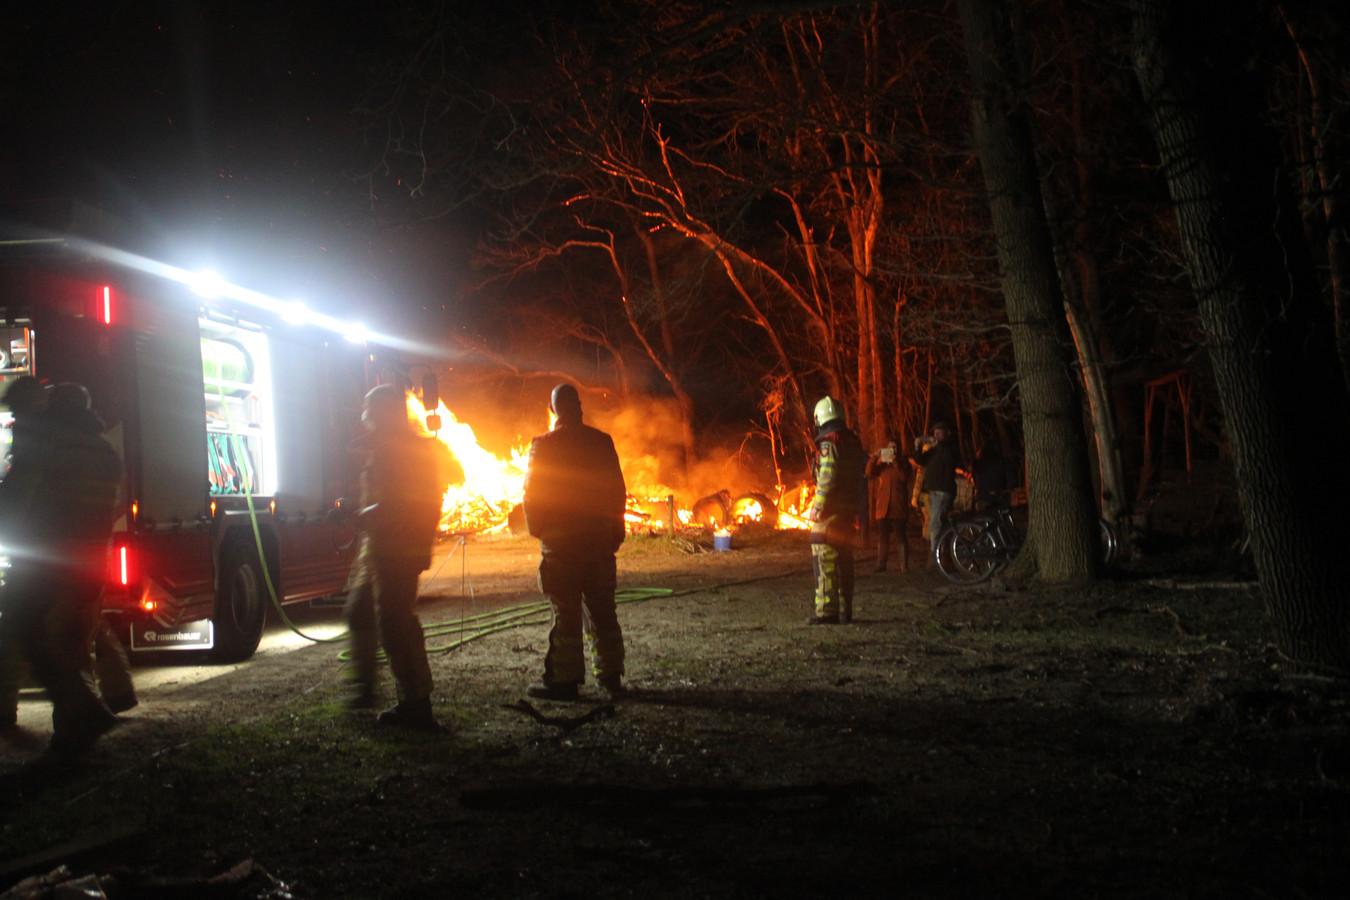 Voor de tweede achtereenvolgende avond moest de brandweer Dalfsen uitrukken voor een brand in een stapel dor hout.